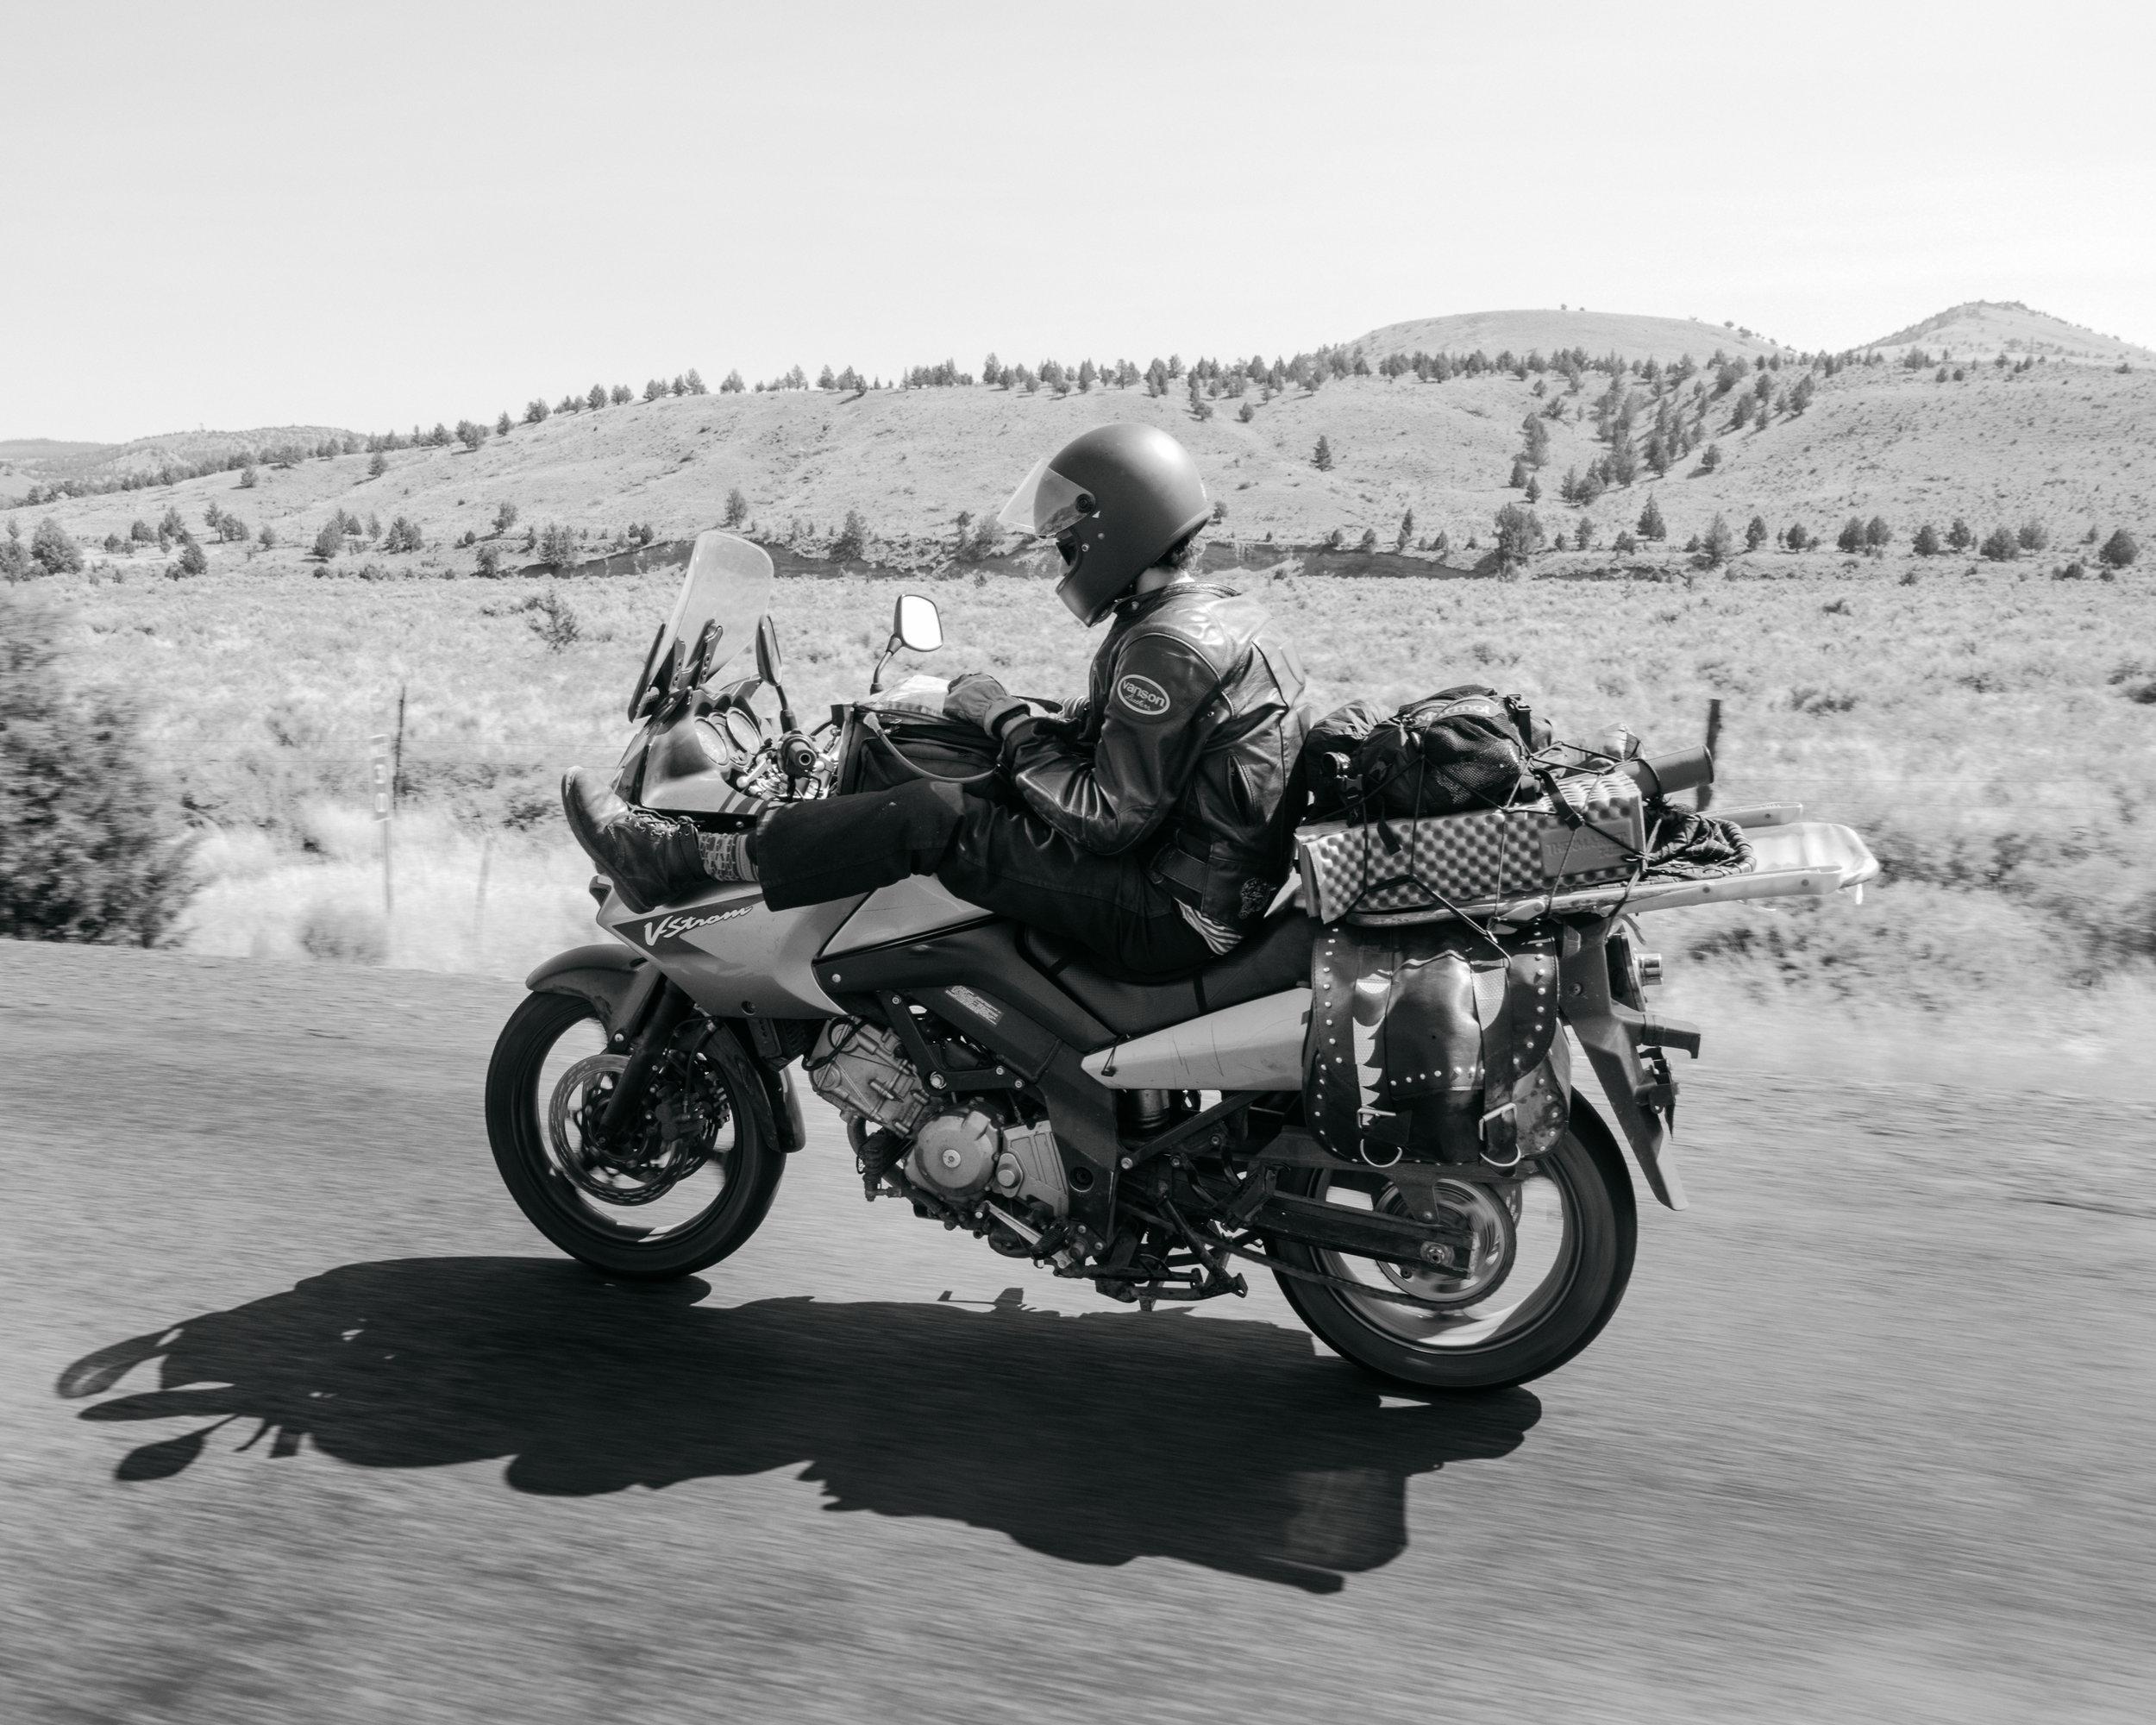 moto_trip_175.jpg